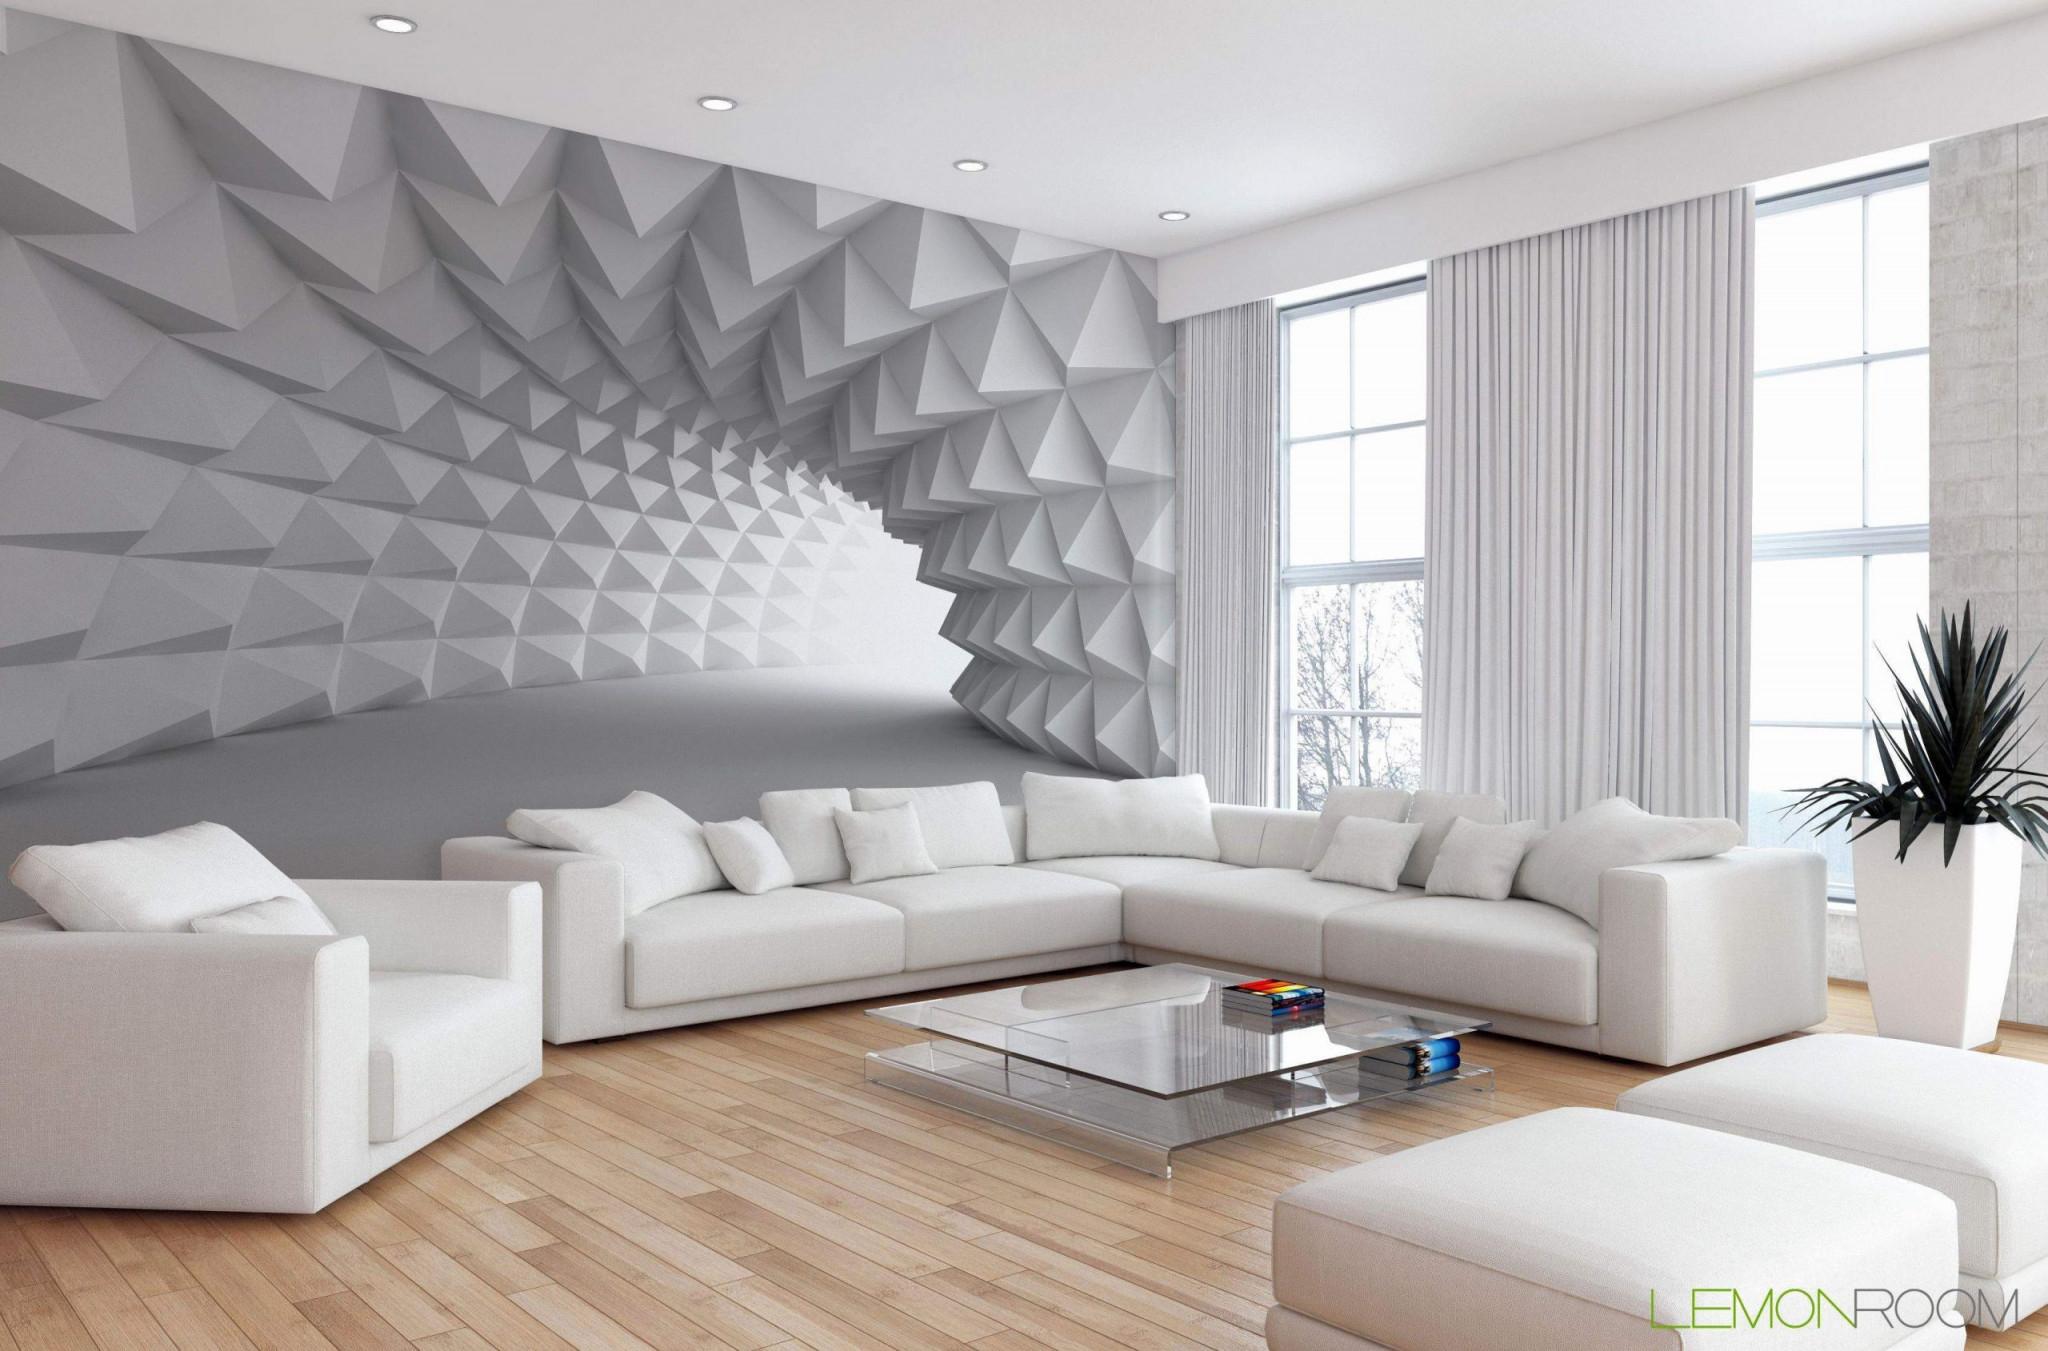 Fototapete Wohnzimmer 3D Das Beste Von 32 Frisch Tapeten von 3D Tapeten Wohnzimmer Photo